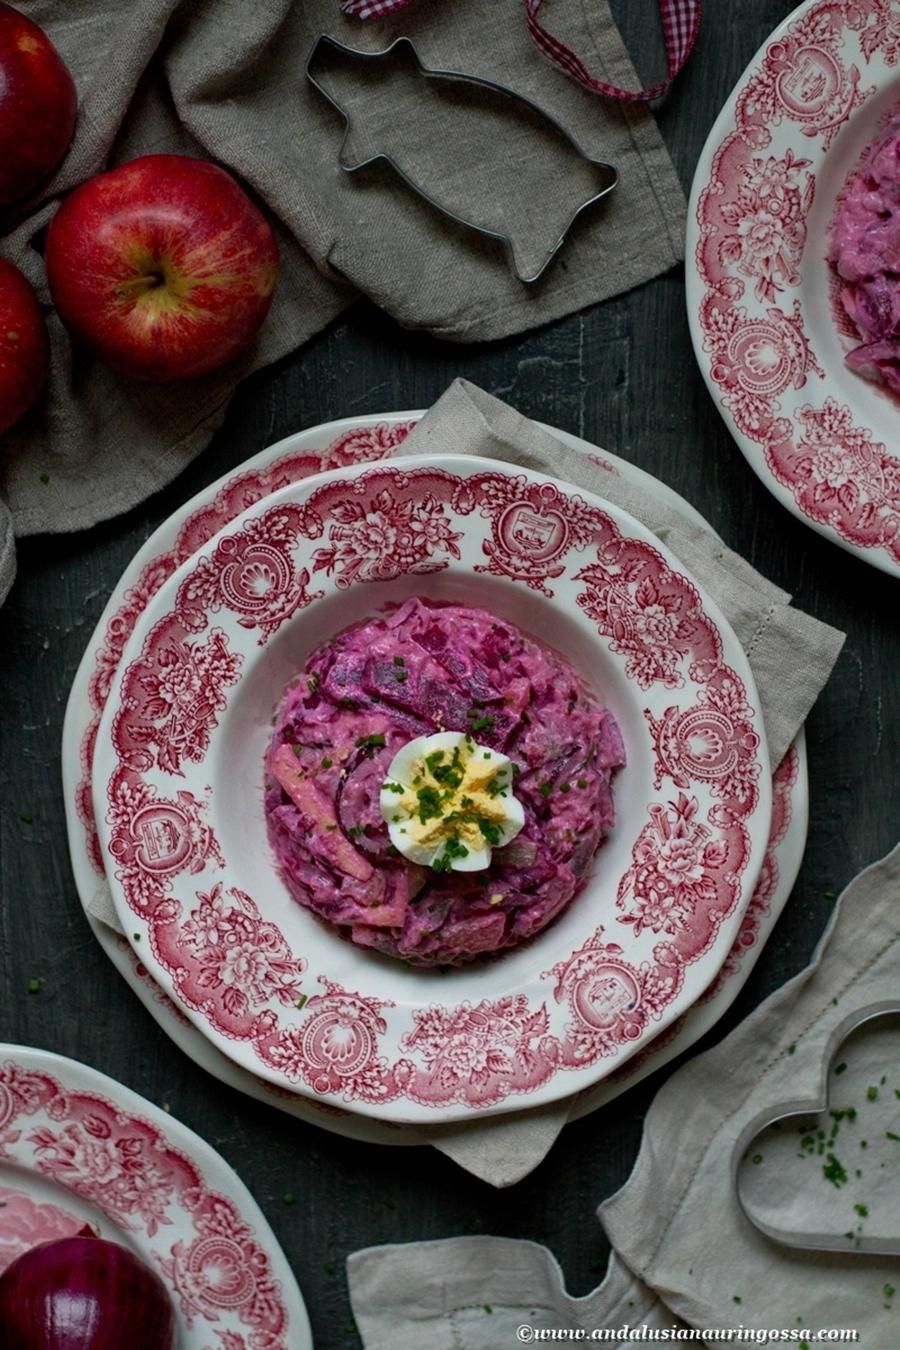 Andalusian auringossa_perunareseptejä ympäri maailman_ruotsalainen sillisalaatti_gluteeniton_kosher